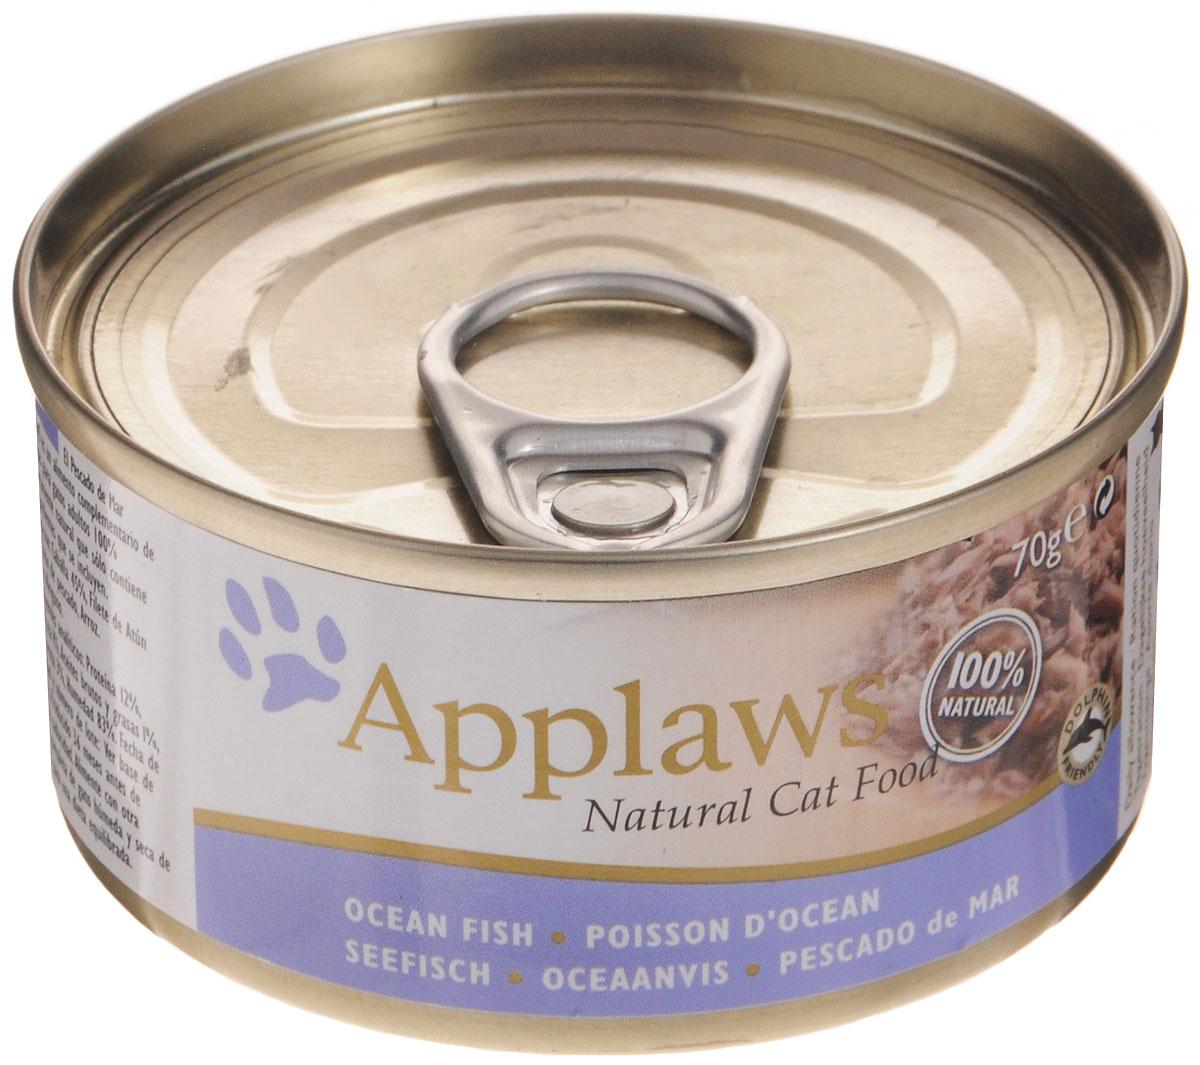 Консервы для кошек Applaws, с океанической рыбой, 70 г24329Каждая баночка Applaws содержит порцию свежей рыбы, приготовленной в собственном бульоне. Вся продукция выпускается согласно строгому регламенту качества, каждая партия продукции проходит обязательную проверку и анализы. В состав каждого рецепта входит только три или четыре основных ингредиента и ничего более. Не содержит ГМО, синтетических консервантов или красителей. Не содержит вкусовых добавок. Состав: Филе макрели 45%, филе тунца 24%, рыбный бульон 24%, рис 1%. Гарантированный анализ: белок 12%, клетчатка 1%, жиры 1%, зола 3%, влага 83%. Товар сертифицирован.